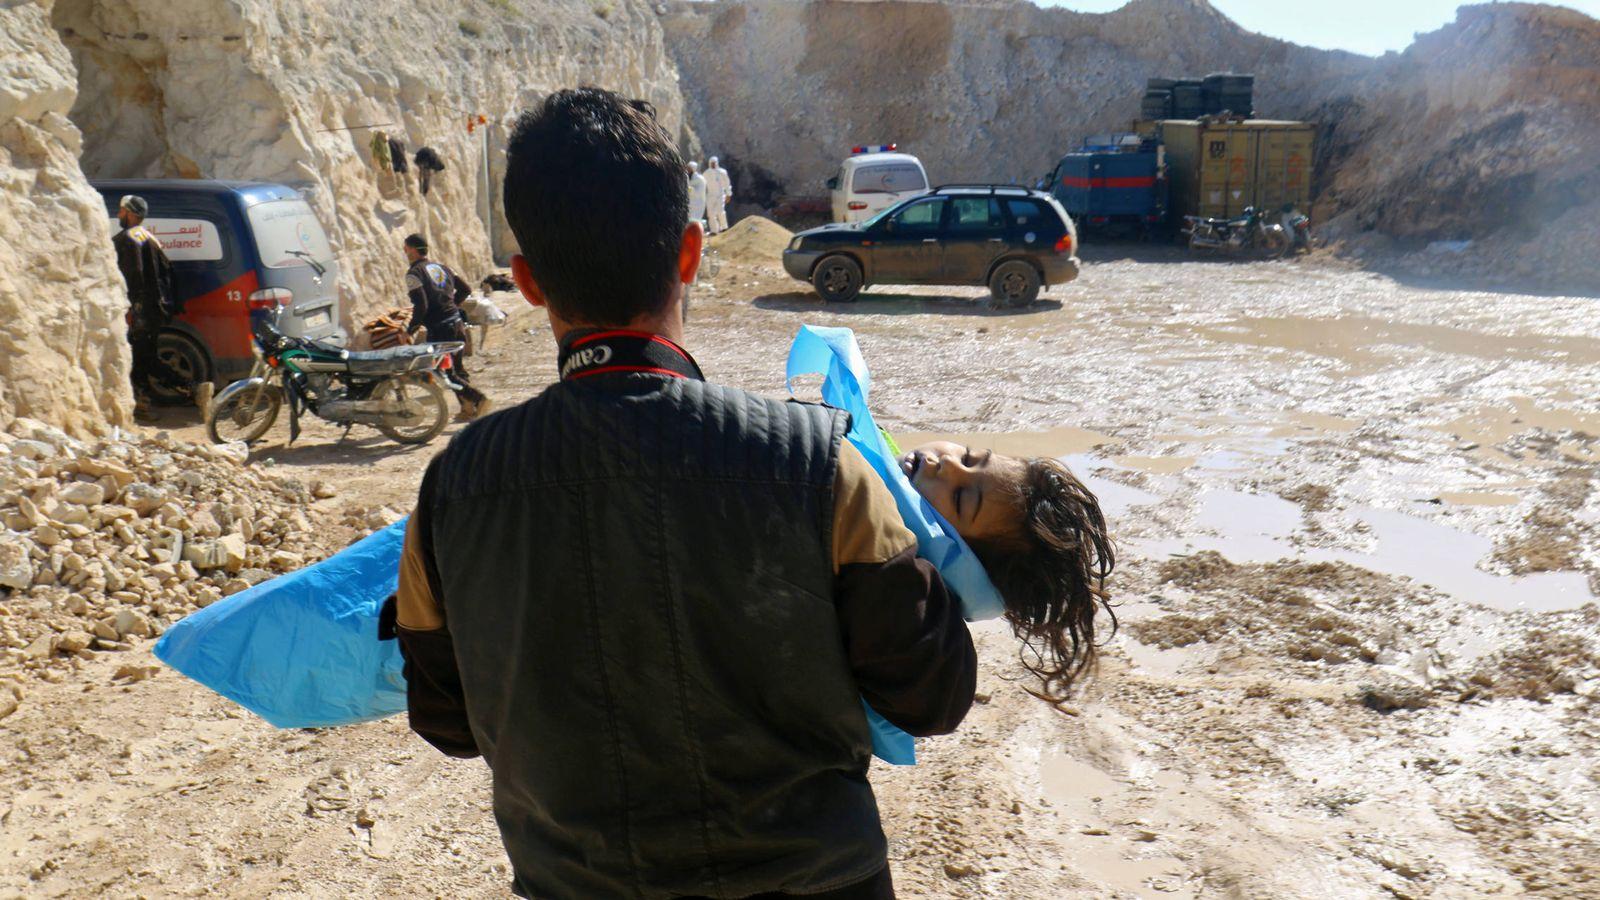 Foto: Un hombre carga con el cadáver de un niño tras un ataque químico en el pueblo de Jan Sheikun, en la zona rebelde de Idlib. (Reuters)